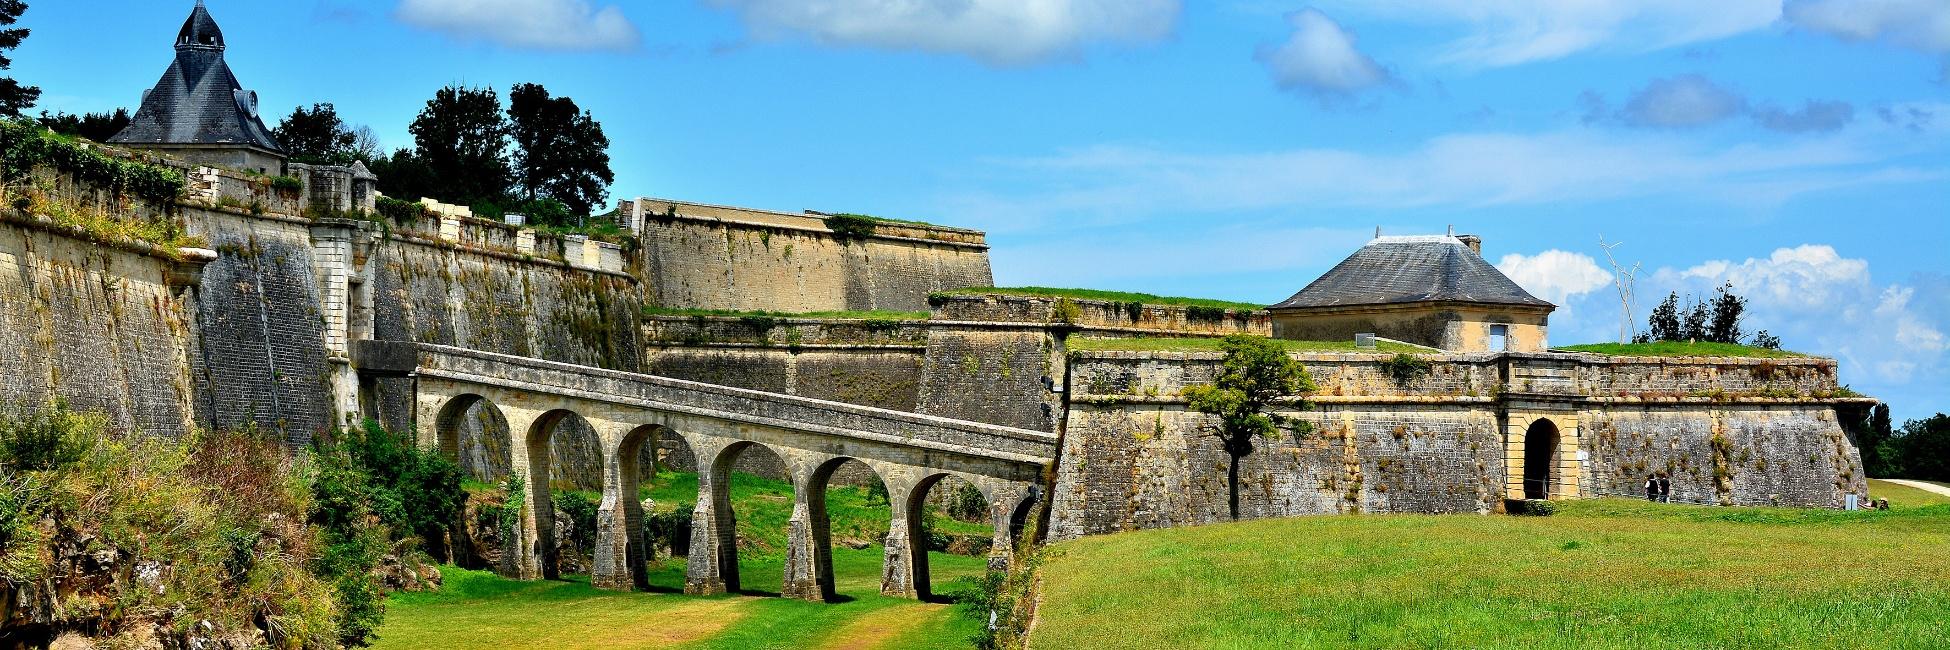 Excursion sur la route de la corniche et visite guid e du village de bourg et blaye croisieurope - Office de tourisme de bourg saint maurice ...